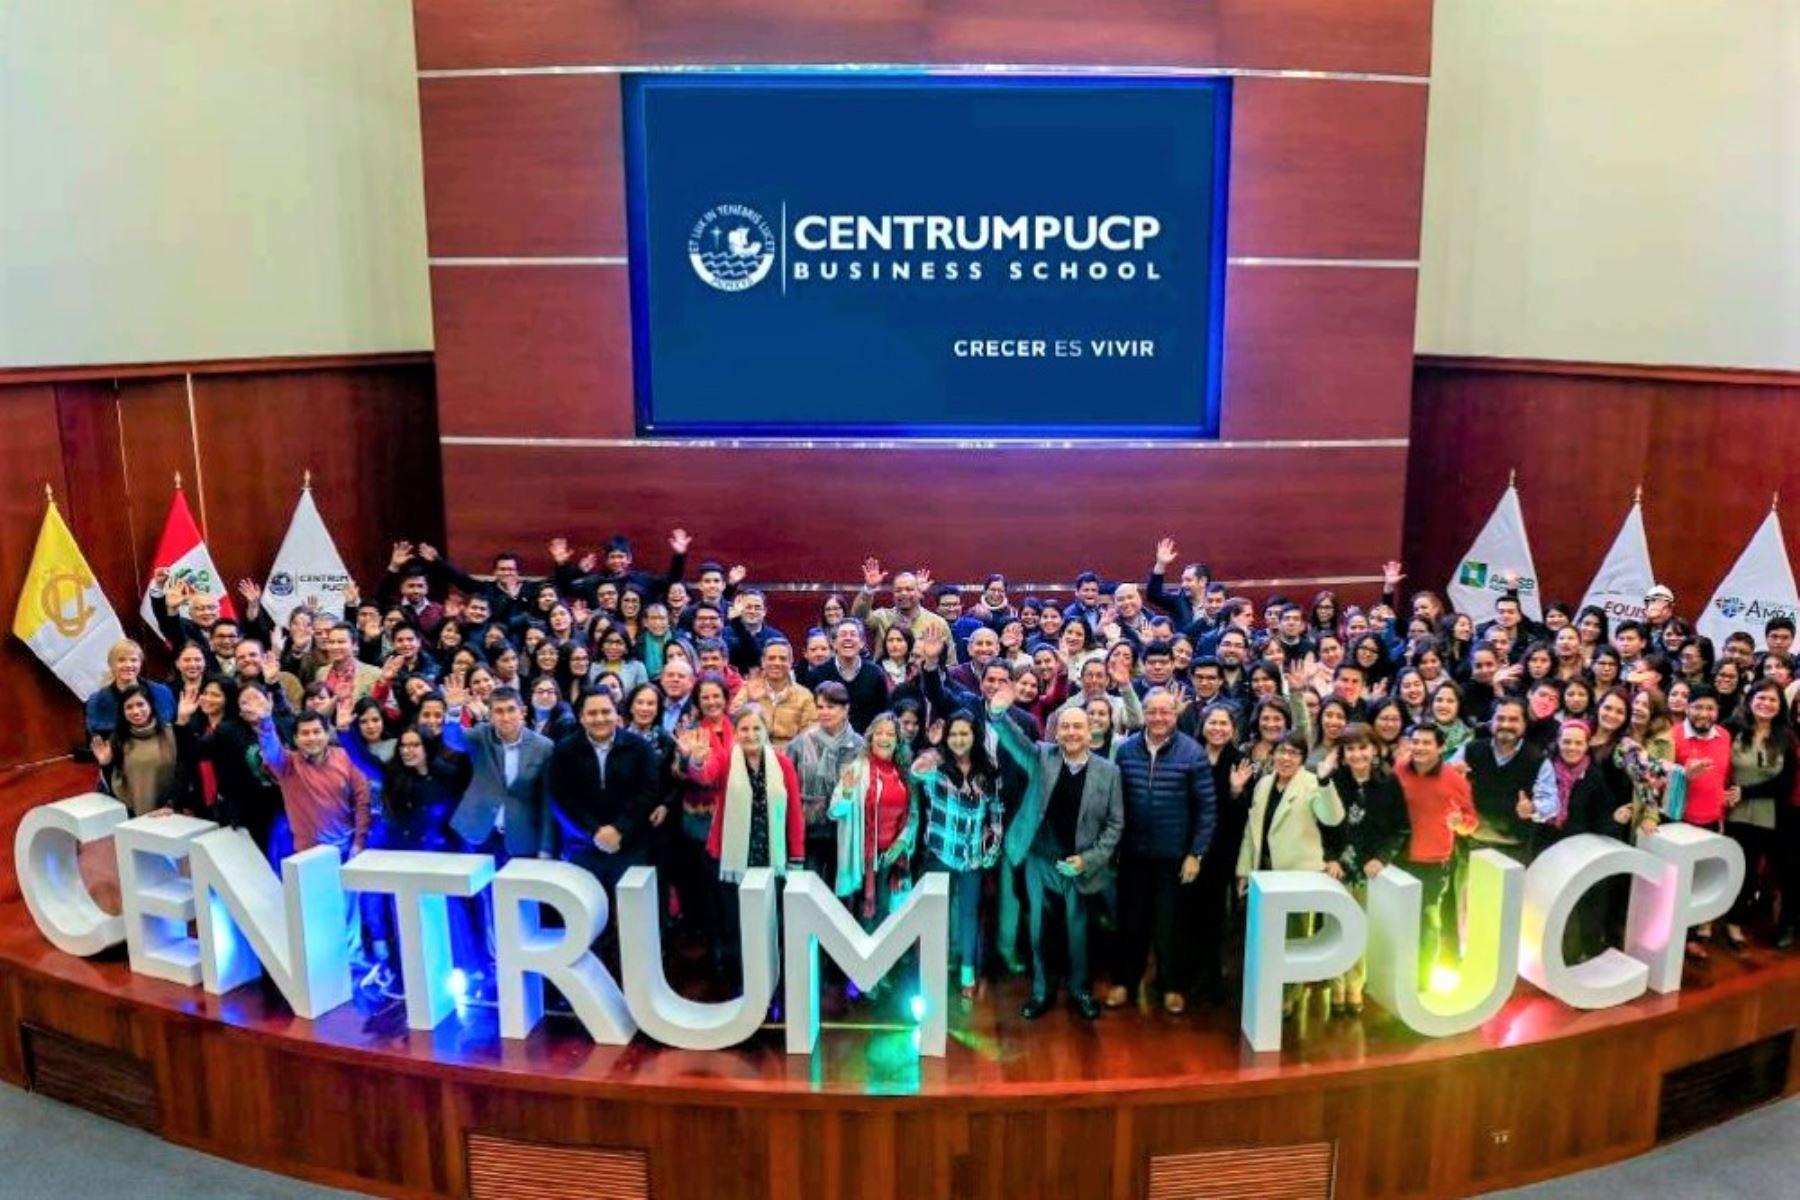 Profesores, colaboradores y personal administrativo de Centrum PUCP, en imagen de archivo. Foto: Centrum PUCP.